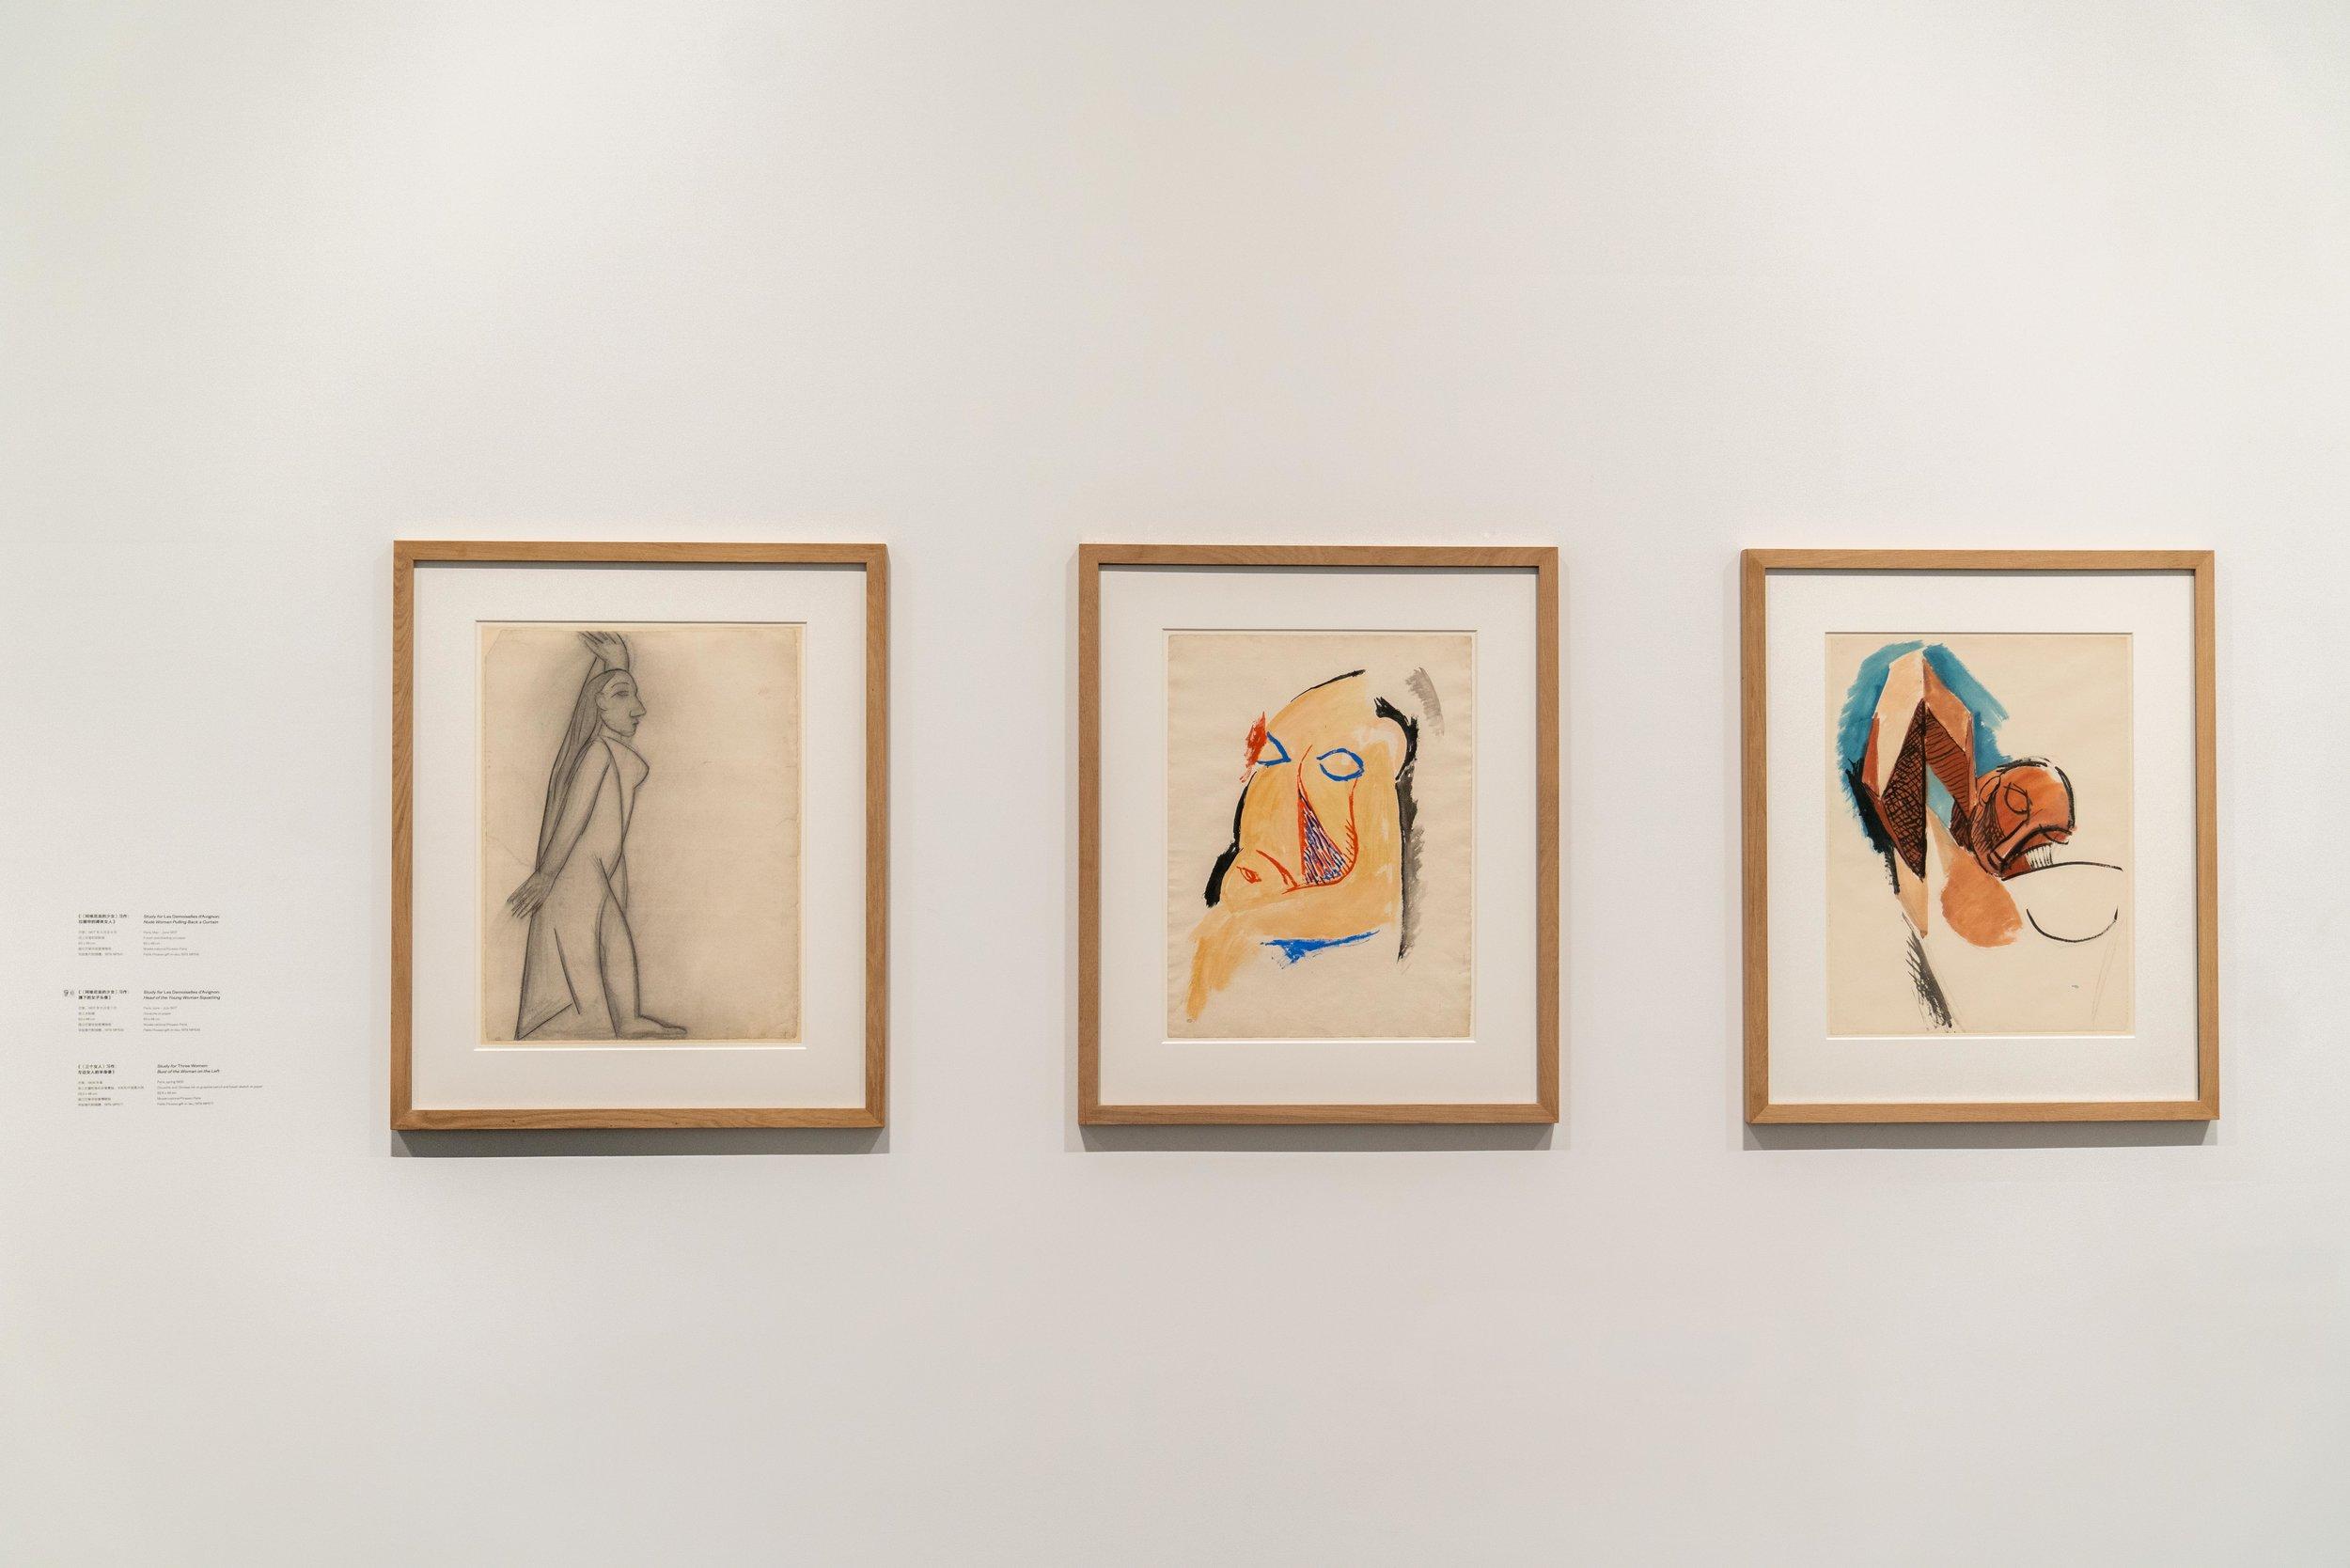 Études pour  Les Demoiselles d'Avignon    Paris, Juin - Juillet 1907 Musée national Picasso-Paris  © Succession Picasso 2019